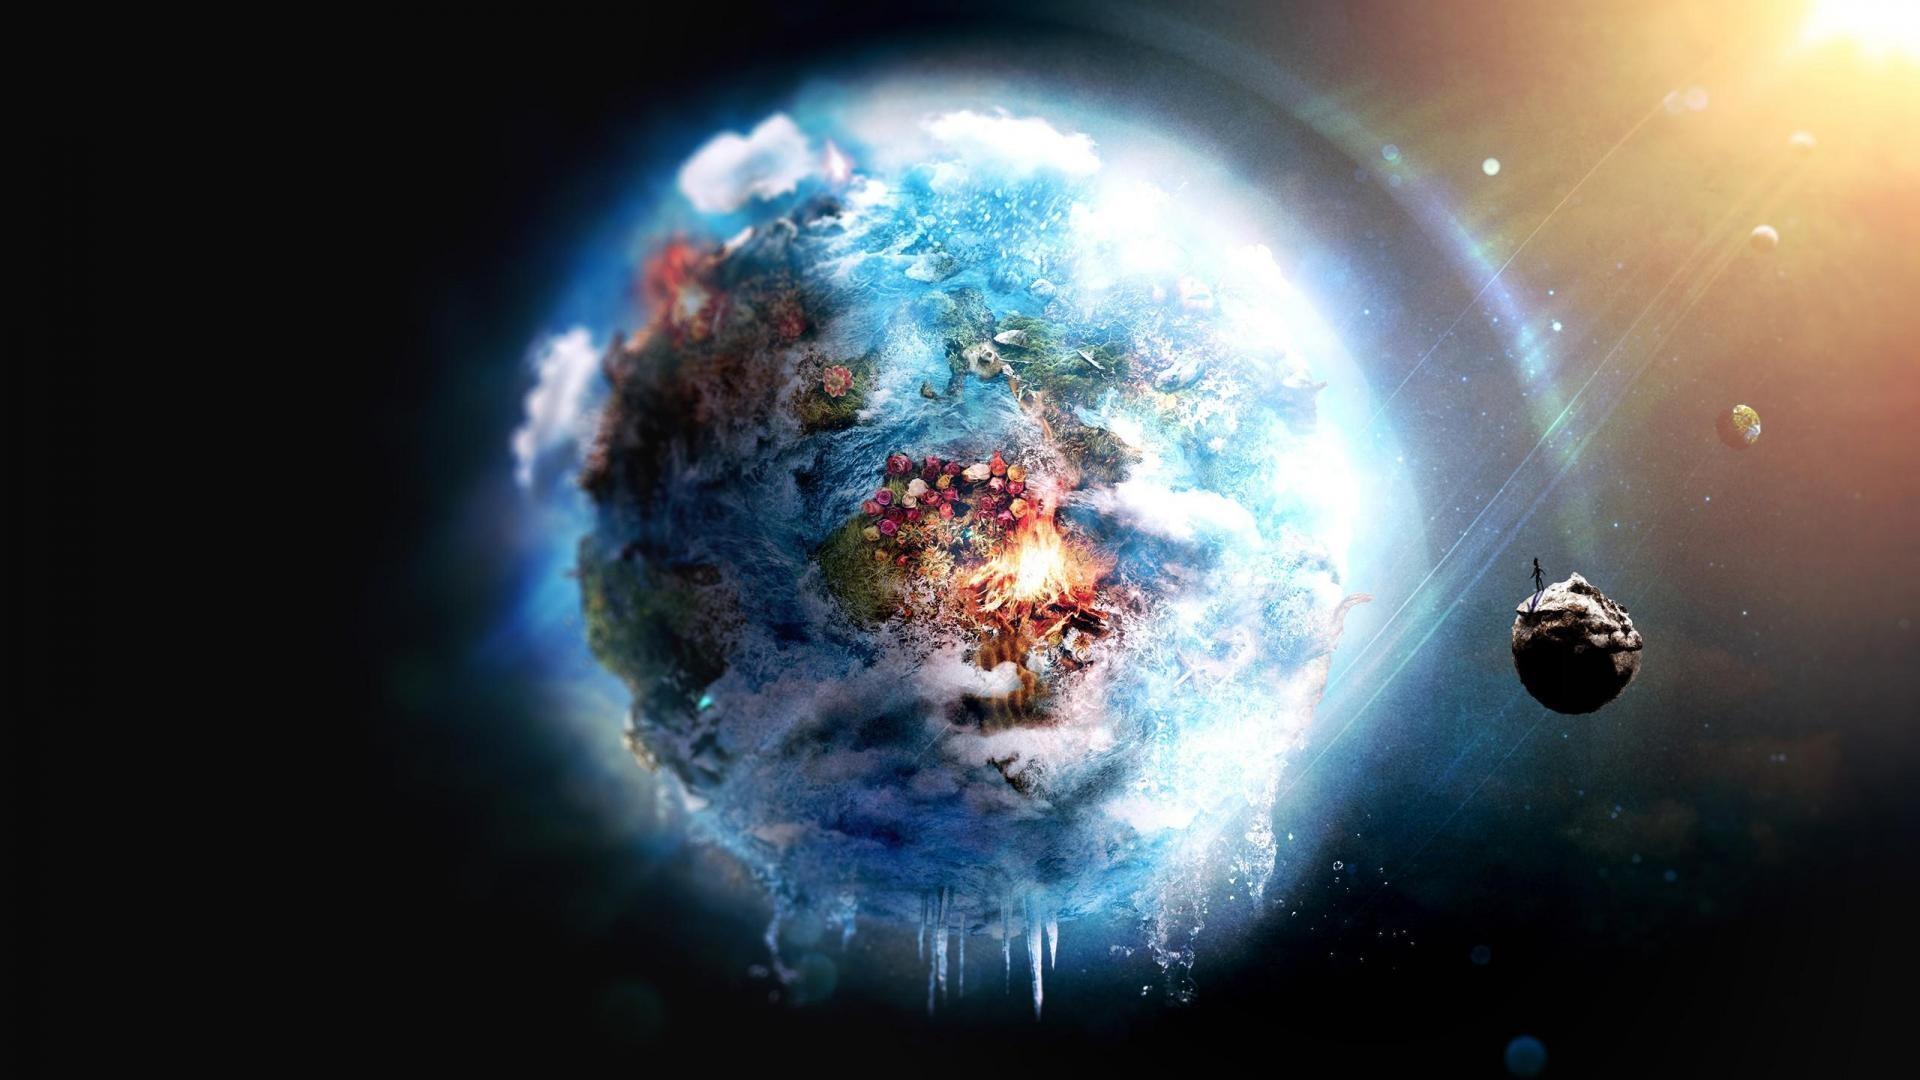 Futuristic Space Digital Art Earth Image.